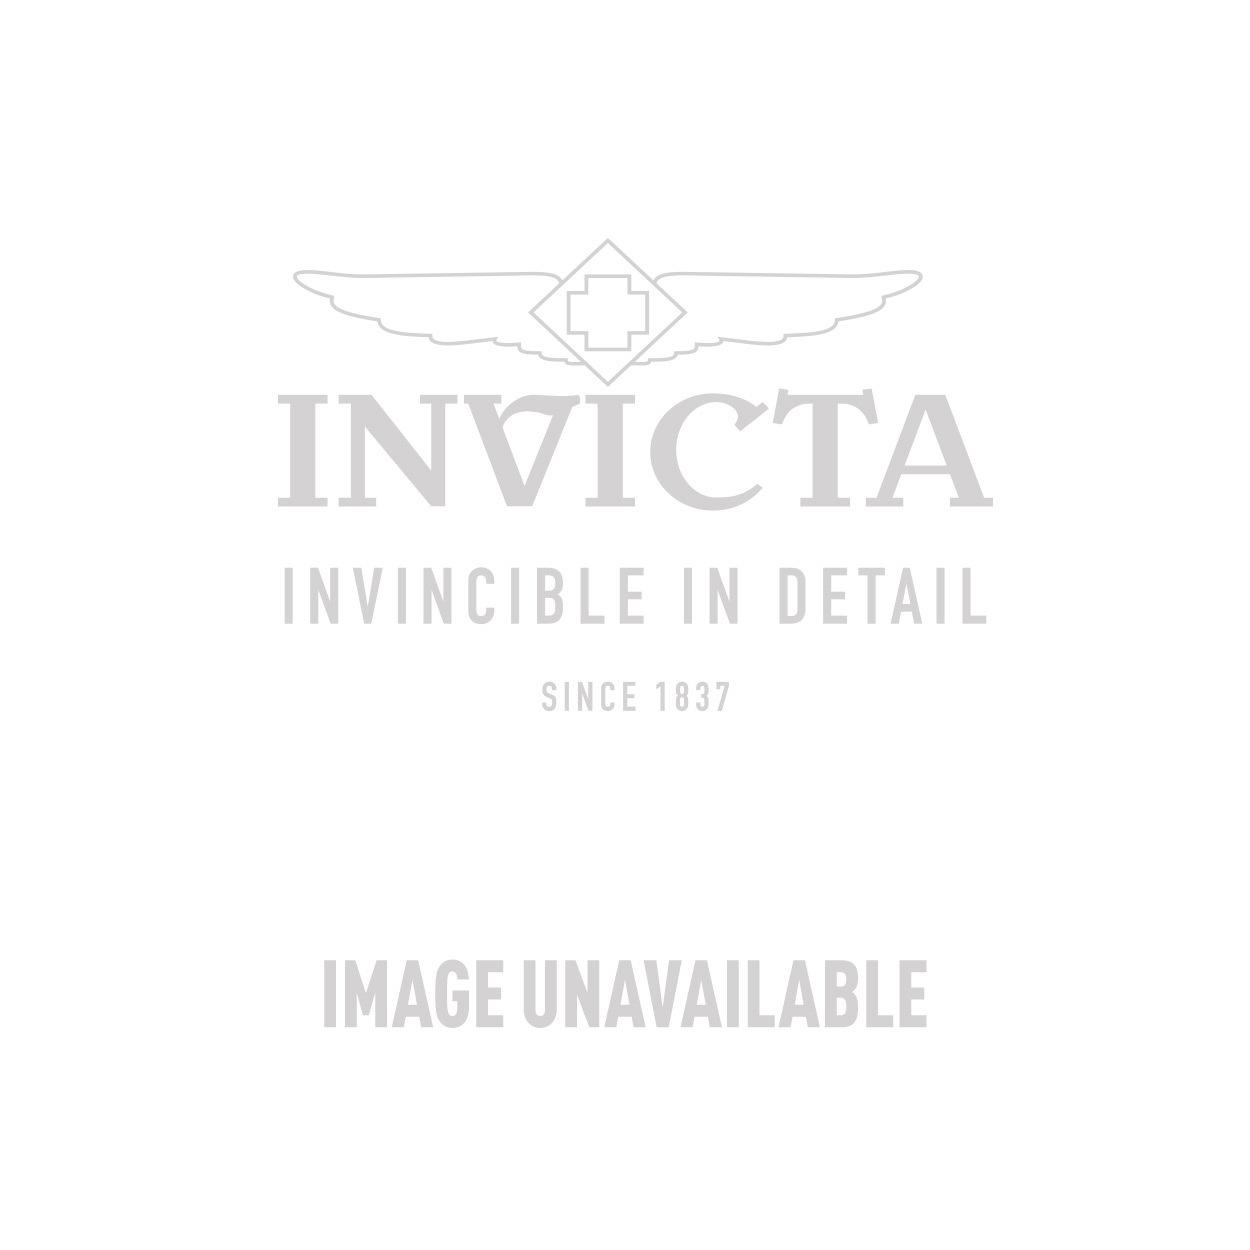 Invicta Model 27322